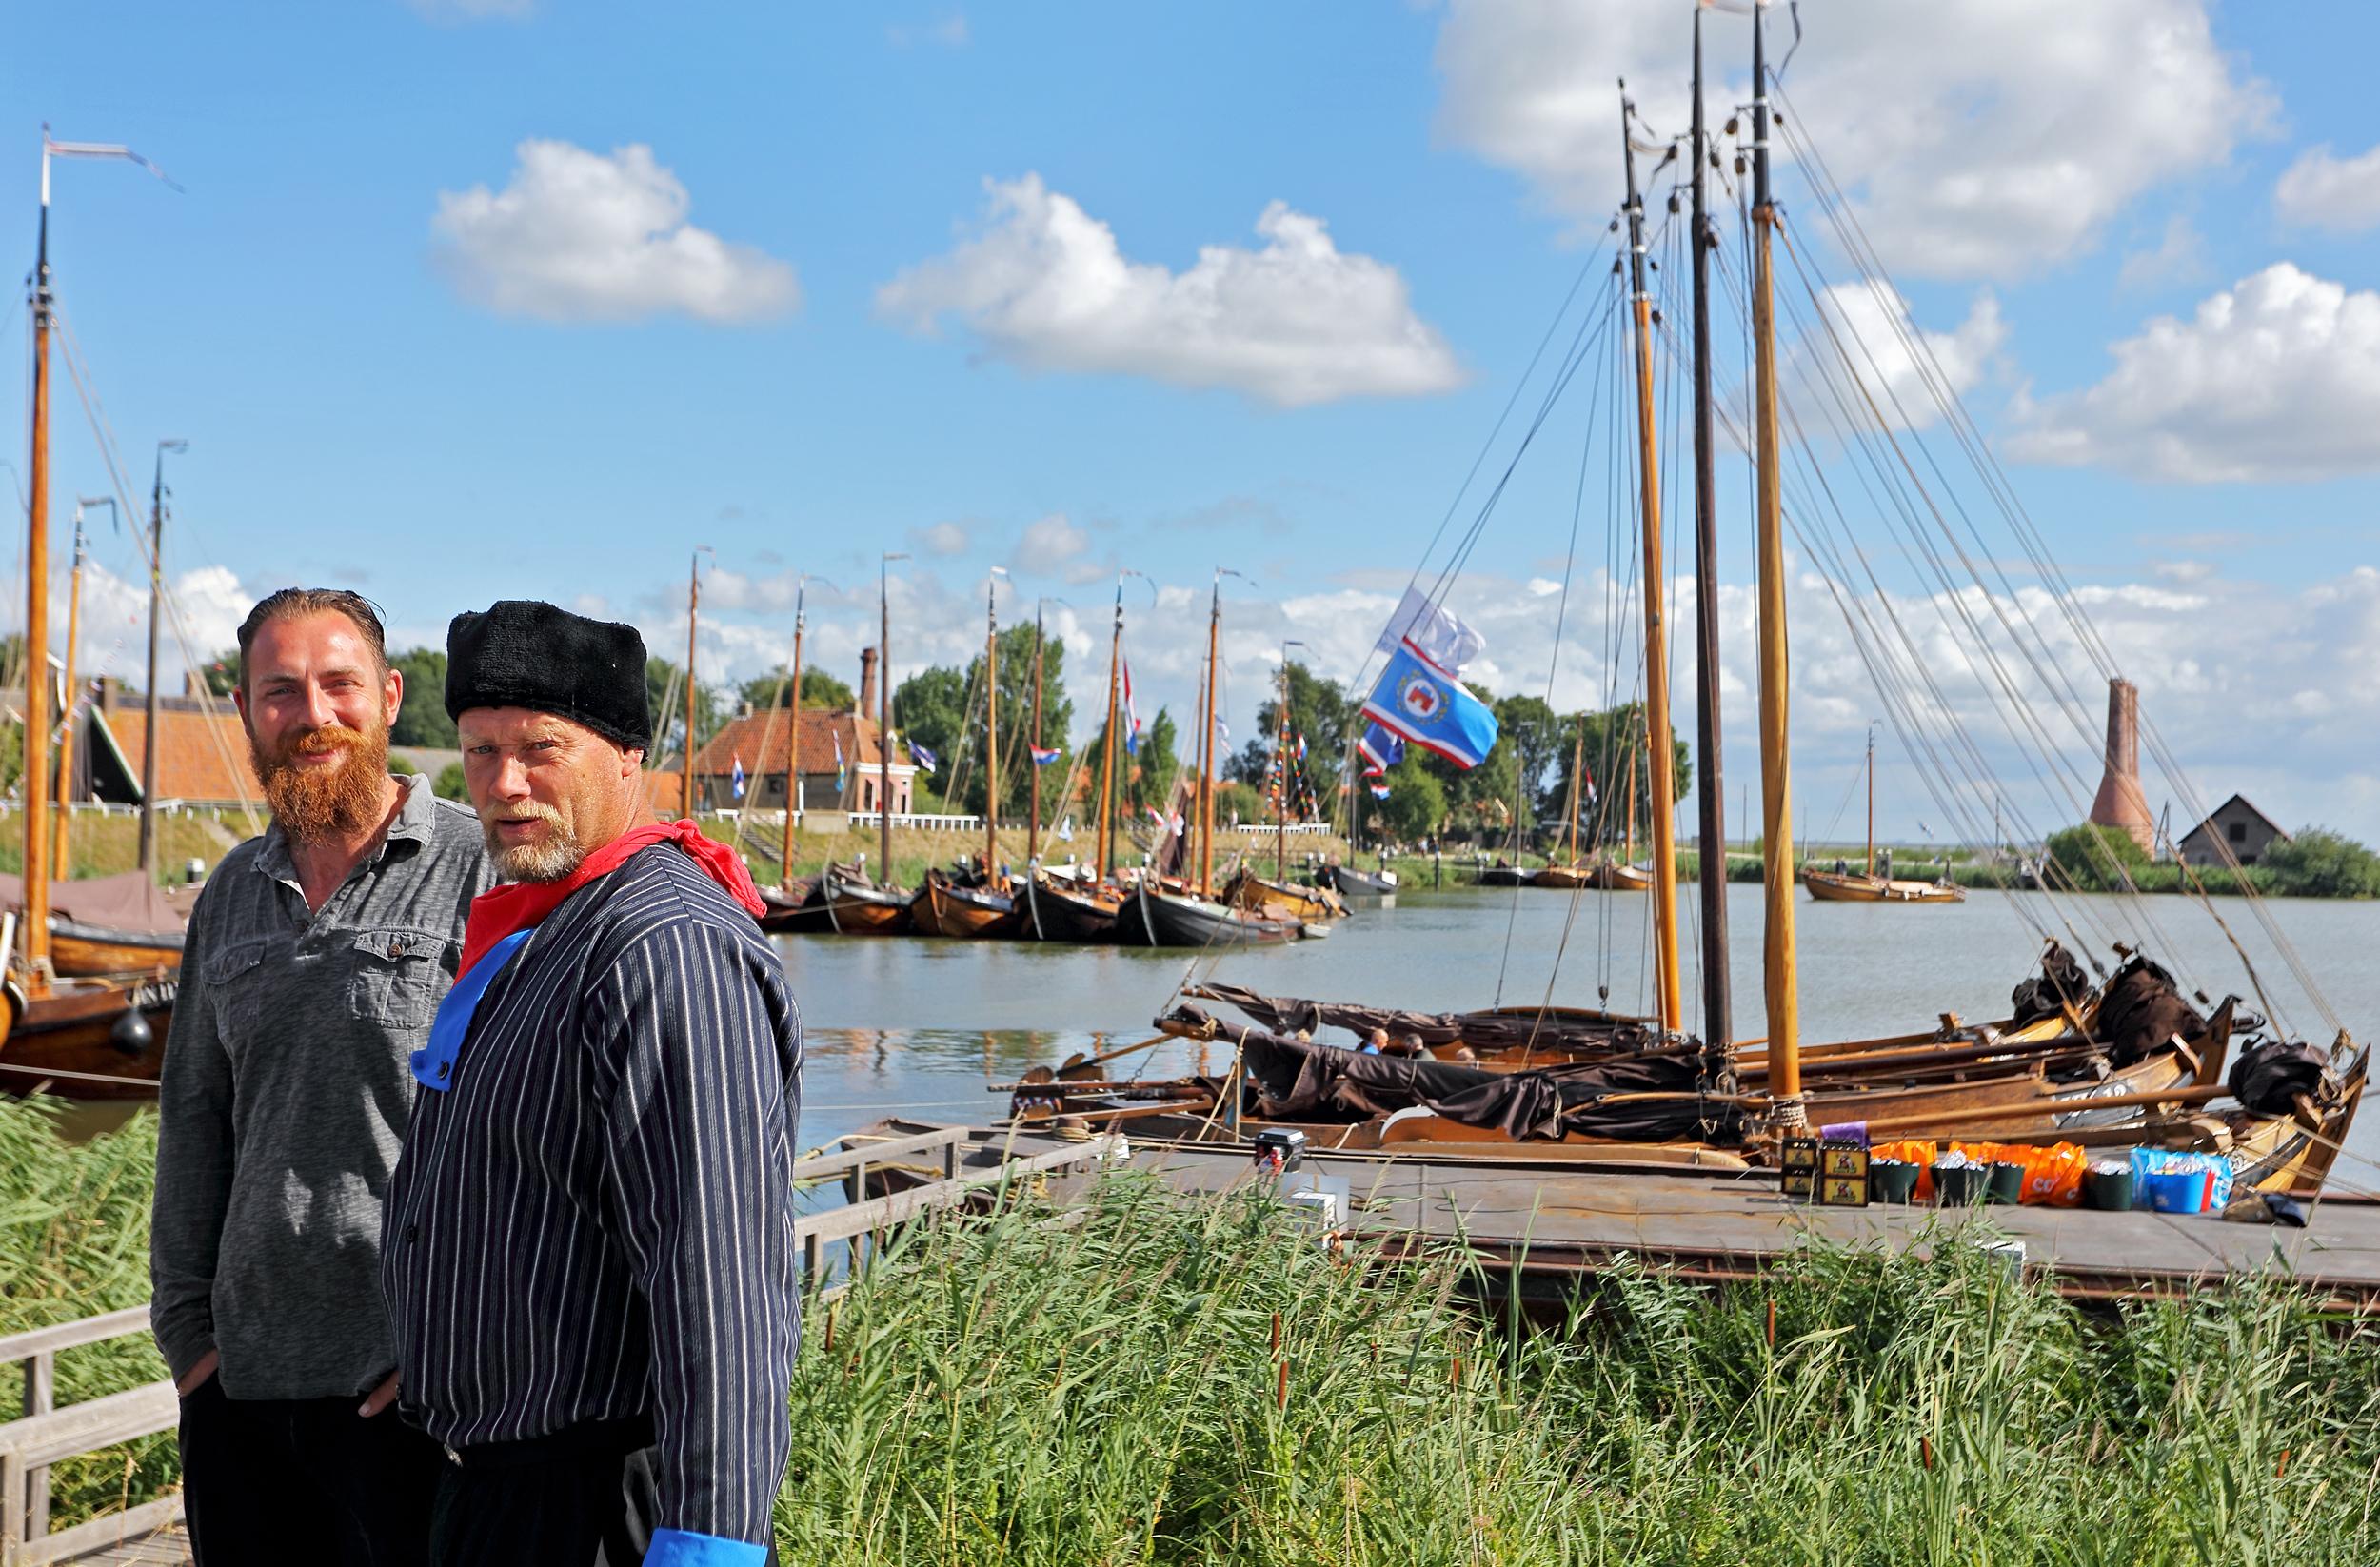 Tijdens het jaarlijks terugkerende Maritiem Festival werden zo'n zeventig botters van de Vereniging Botterbehoud aan het publiek gepresenteerd. (Foto: aangeleverd)